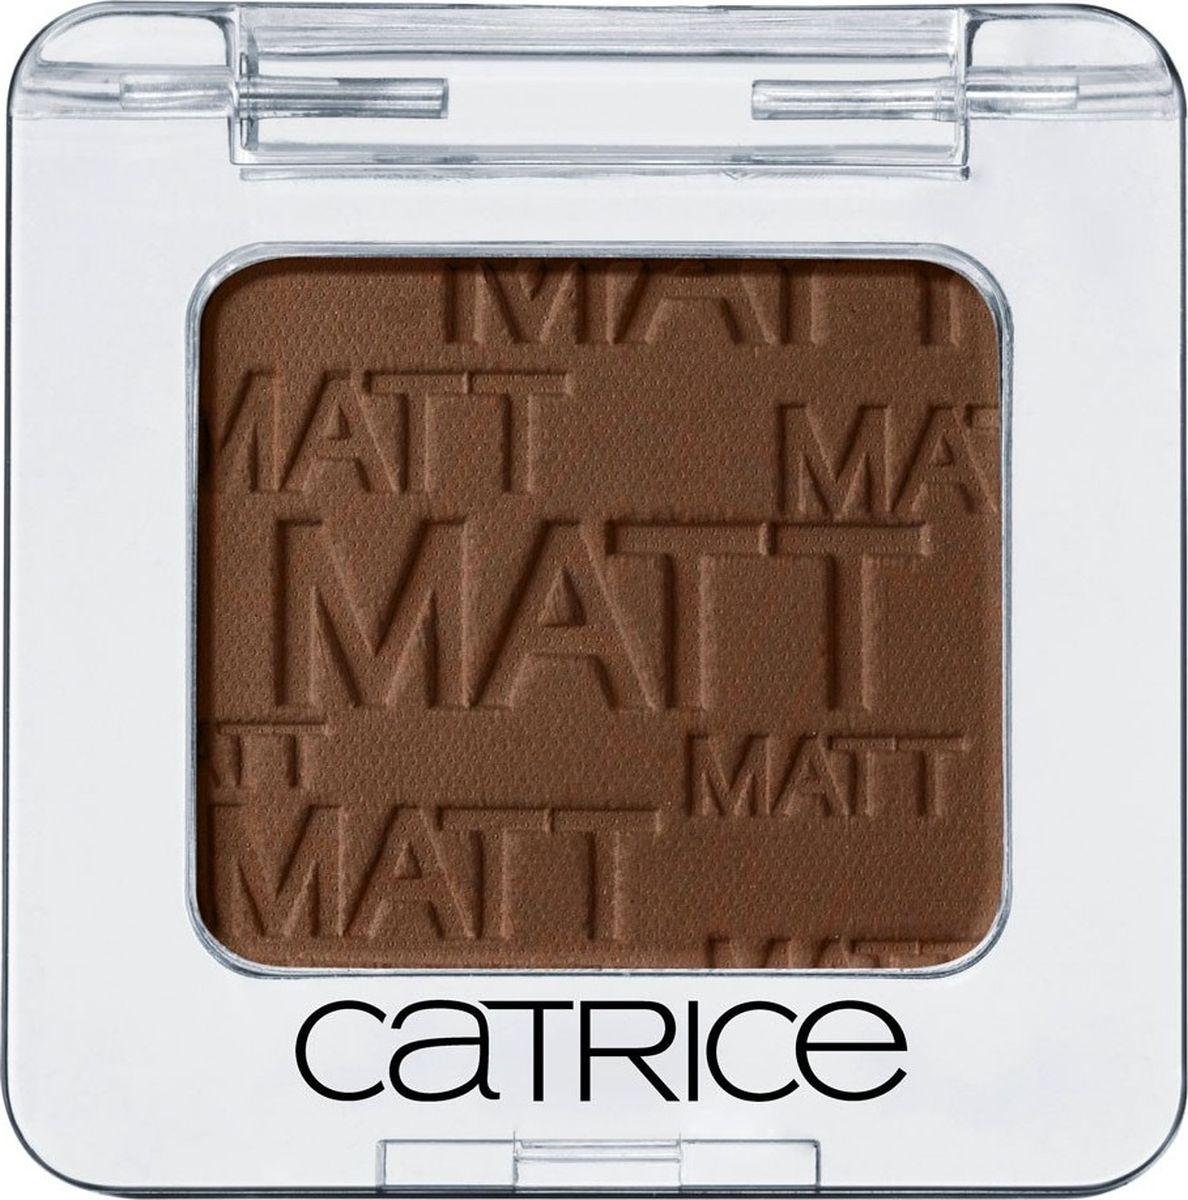 Catrice Тени для век одинарные Absolute Eye Colour 930 Hakuna MATTata коричневый матовый 2 грMFM-3101Высокопигментированные пудровые тени, широкая цветовая гамма, стойкость, легкость в нанесении и разнообразие эффектов.